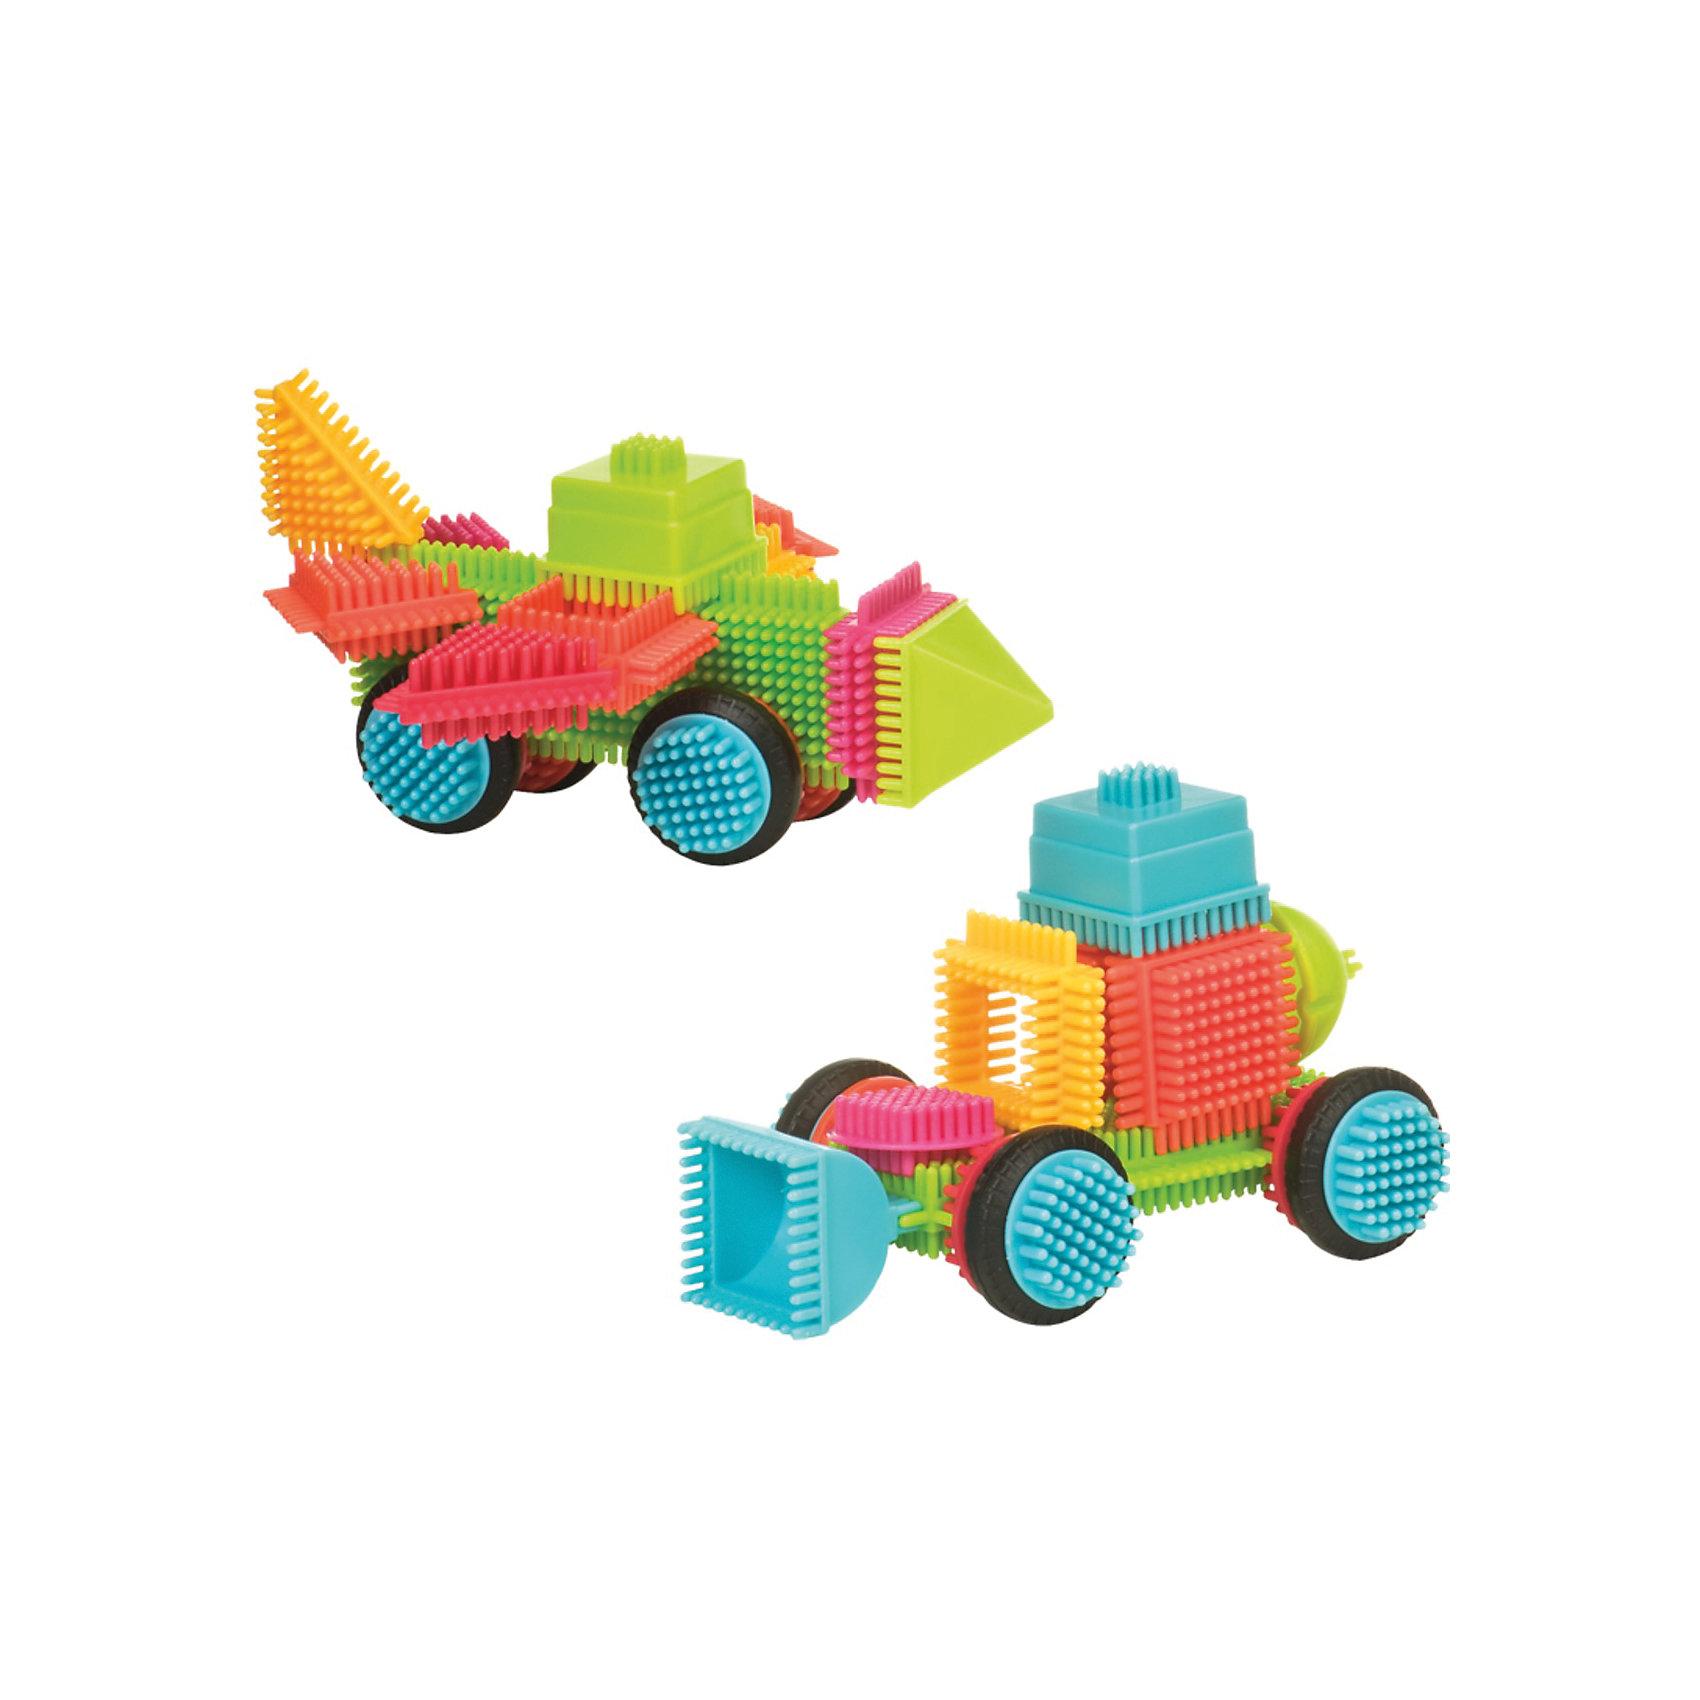 Конструктор игольчатый в чемоданчике, 50 деталей, Bristle BlocksКонструктор игольчатый в чемоданчике, 50 деталей, Bristle Blocks, Battat – оригинальный конструктор от канадского кампании Battat. Оригинальность конструктора заключается в его форме: все элементы имеют игольчатую поверхность. Так называемые, иголки абсолютно безопасны, они имеют закругленную форму. Кроме того, иголки являются способом закрепления деталей конструктора между собой. Набор выполнен из экологически безопасного пластика, окрашенного в яркие цвета, предназначен для детей от 2-х лет. Все элементы конструктора устойчивы к механическим повреждениям и изменению цвета.<br>Конструктор игольчатый в чемоданчике, 50 деталей, Bristle Blocks, Battat состоит 50 разноцветных элементов, которые позволяют конструировать различные предметы, строения и фигуры. В комплекте имеются квадратные, треугольные, прямоугольные и круглые элементы. В комплекте имеется инструкция по сборке конструктора. Конструктор упакован в пластиковый чемоданчик. <br>Конструктор игольчатый в чемоданчике, 50 деталей, Bristle Blocks, Battat способствует развитию координации движений, пространственному и логическому мышлению. Благодаря особенной форме конструктора, в процессе игры массируются подушечки пальчиков, что способствует развитию их чувствительности.<br><br>Дополнительная информация:<br><br>- Вид игр: конструирование<br>- Предназначение: для дома, для детского сада<br>- Материал: пластик в сочетании с латексом<br>- Комплектация: 50 элементов, пластиковый чемоданчик, буклет-инструкция<br>- Размеры (Д*Ш*В): 24,1*10,5*21 см<br>- Вес всего набора: 1 кг 500 г<br>- Пол: для мальчиков/для девочек<br>- Особенности ухода: можно мыть в теплой мыльной воде<br><br>Подробнее:<br><br>• Для детей в возрасте: от 2 лет <br>• Страна производитель: Китай<br>• Торговый бренд: B DOT<br><br>Конструктор игольчатый в чемоданчике, 50 деталей, Bristle Blocks, Battat  можно купить в нашем интернет-магазине.<br><br>Ширина мм: 24<br>Глубина мм: 21<br>Высота